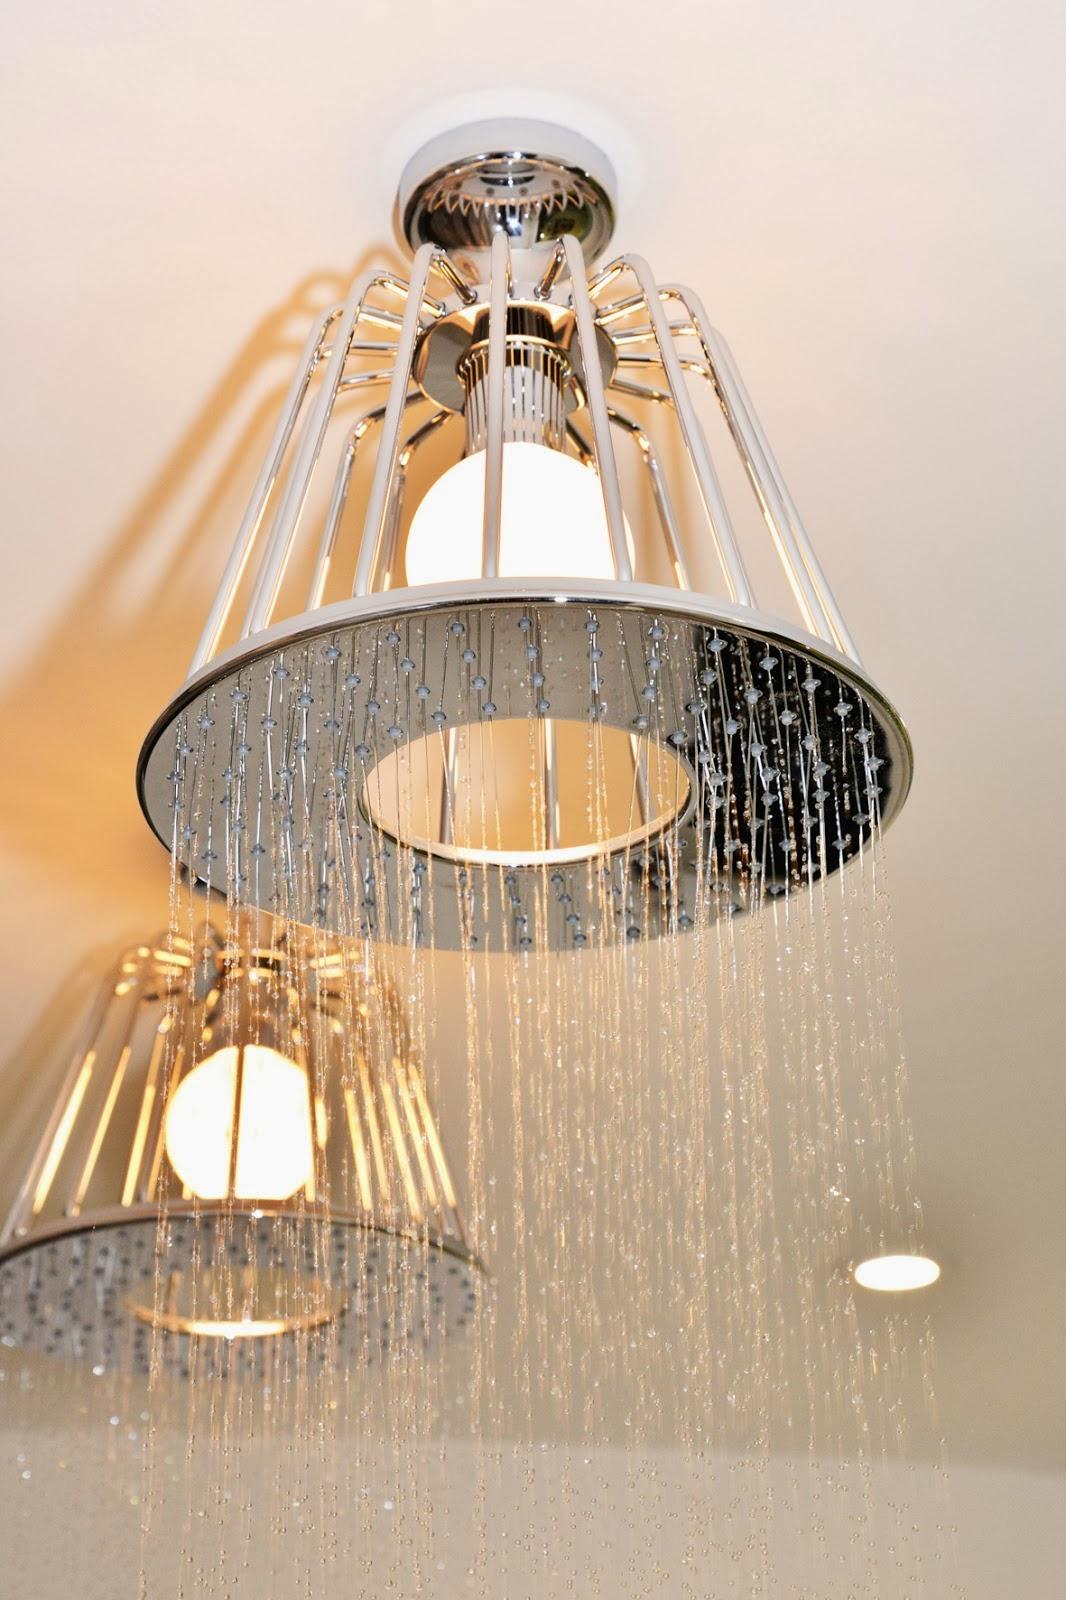 Rolls Royce of showers Axor Nendo Shower Lamp, Lisa Melvin Design